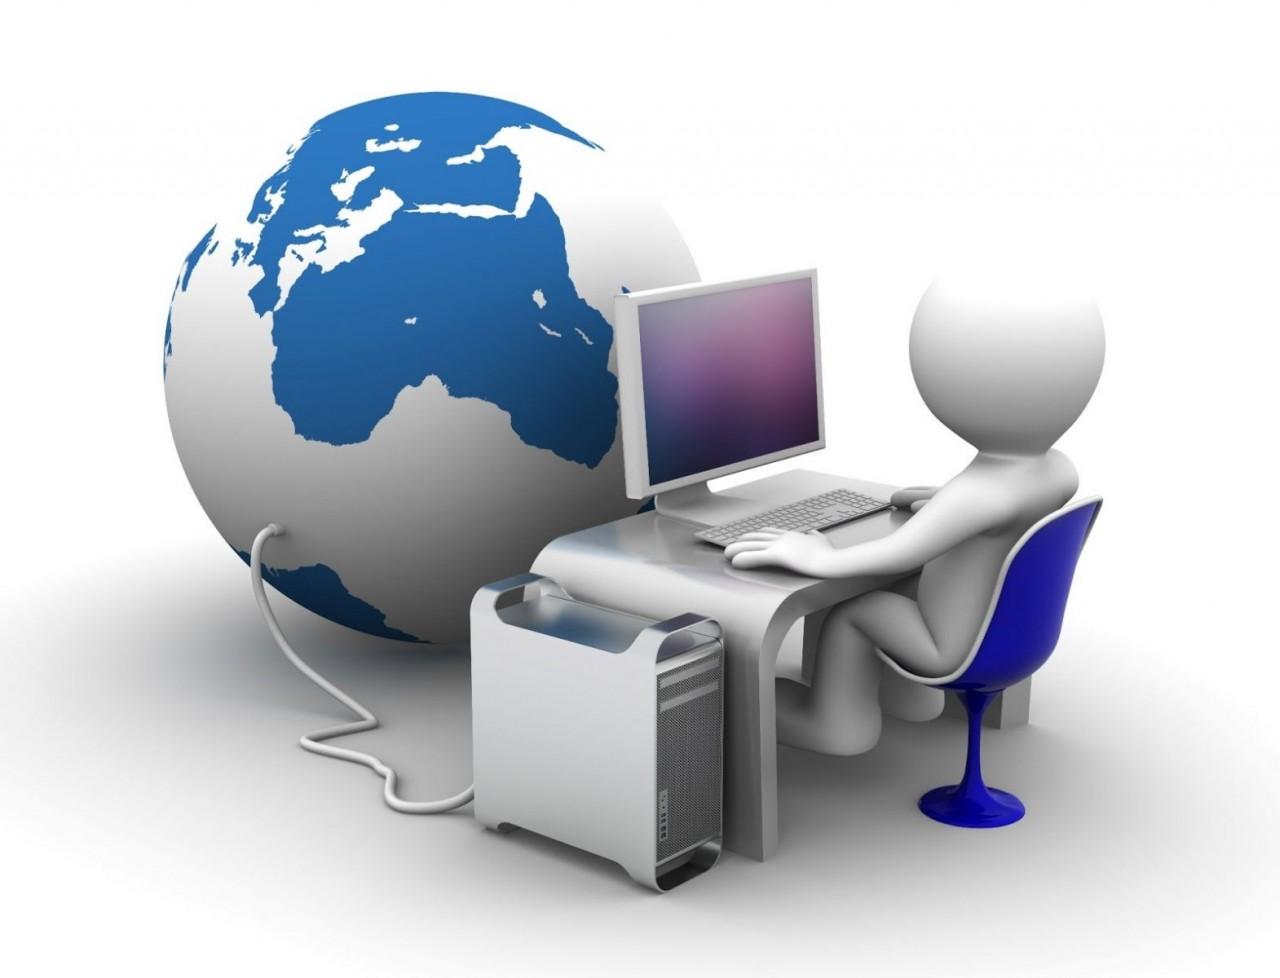 Câu trả lời hoàn hảo nhất cho: Tin học văn phòng tiếng anh là gì?